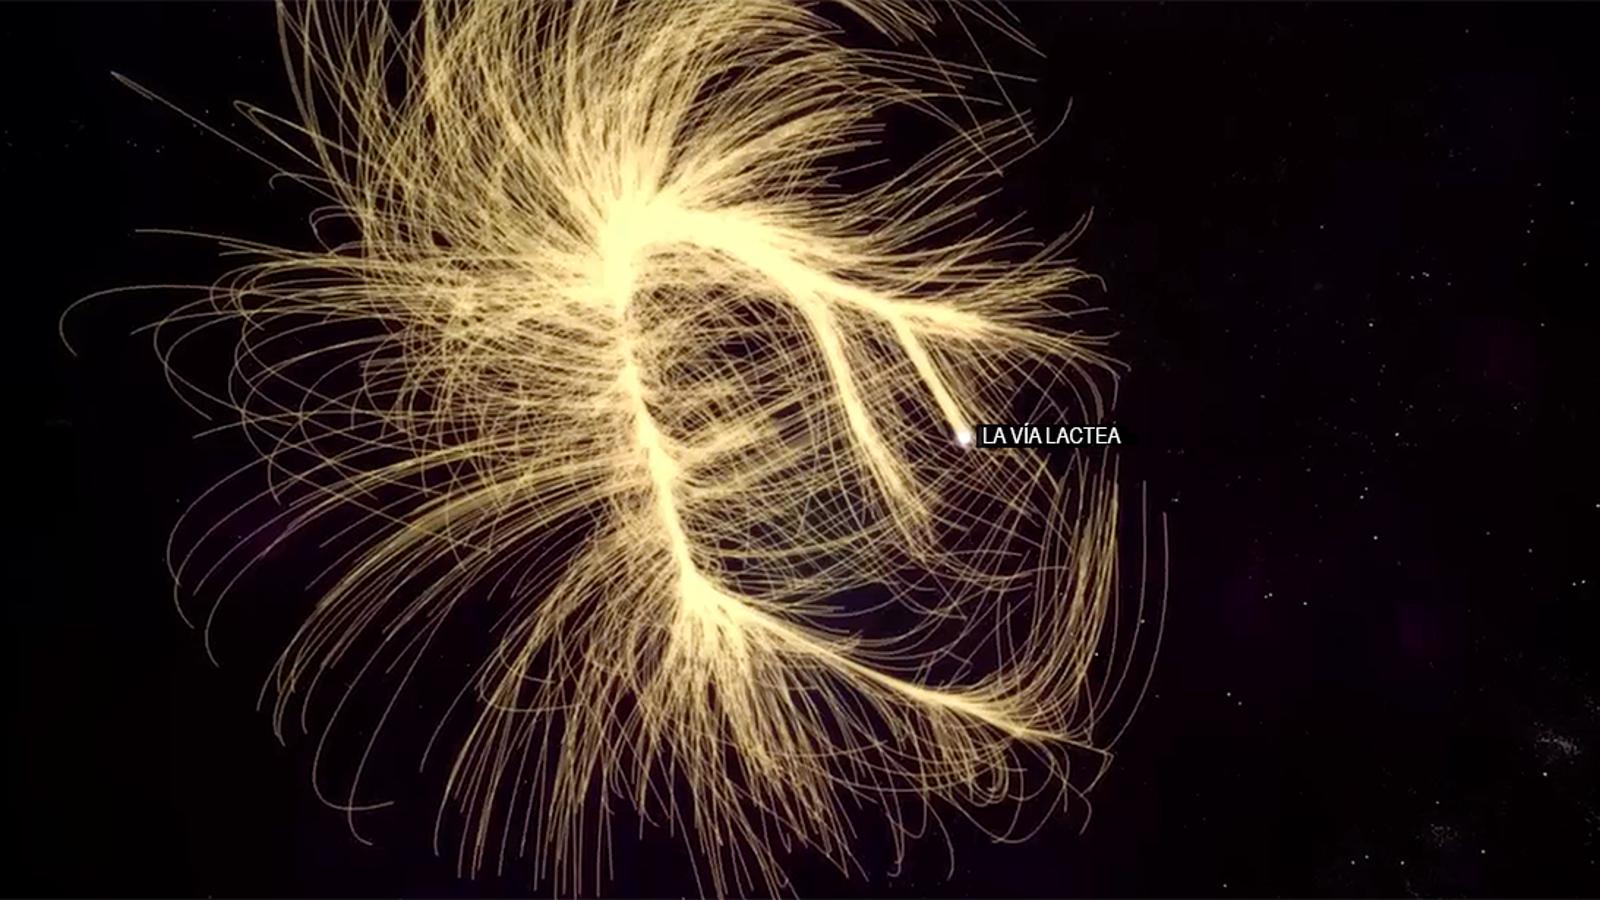 Usted está aquí: descubre tu lugar en el universo con el mapa más preciso hasta la fecha